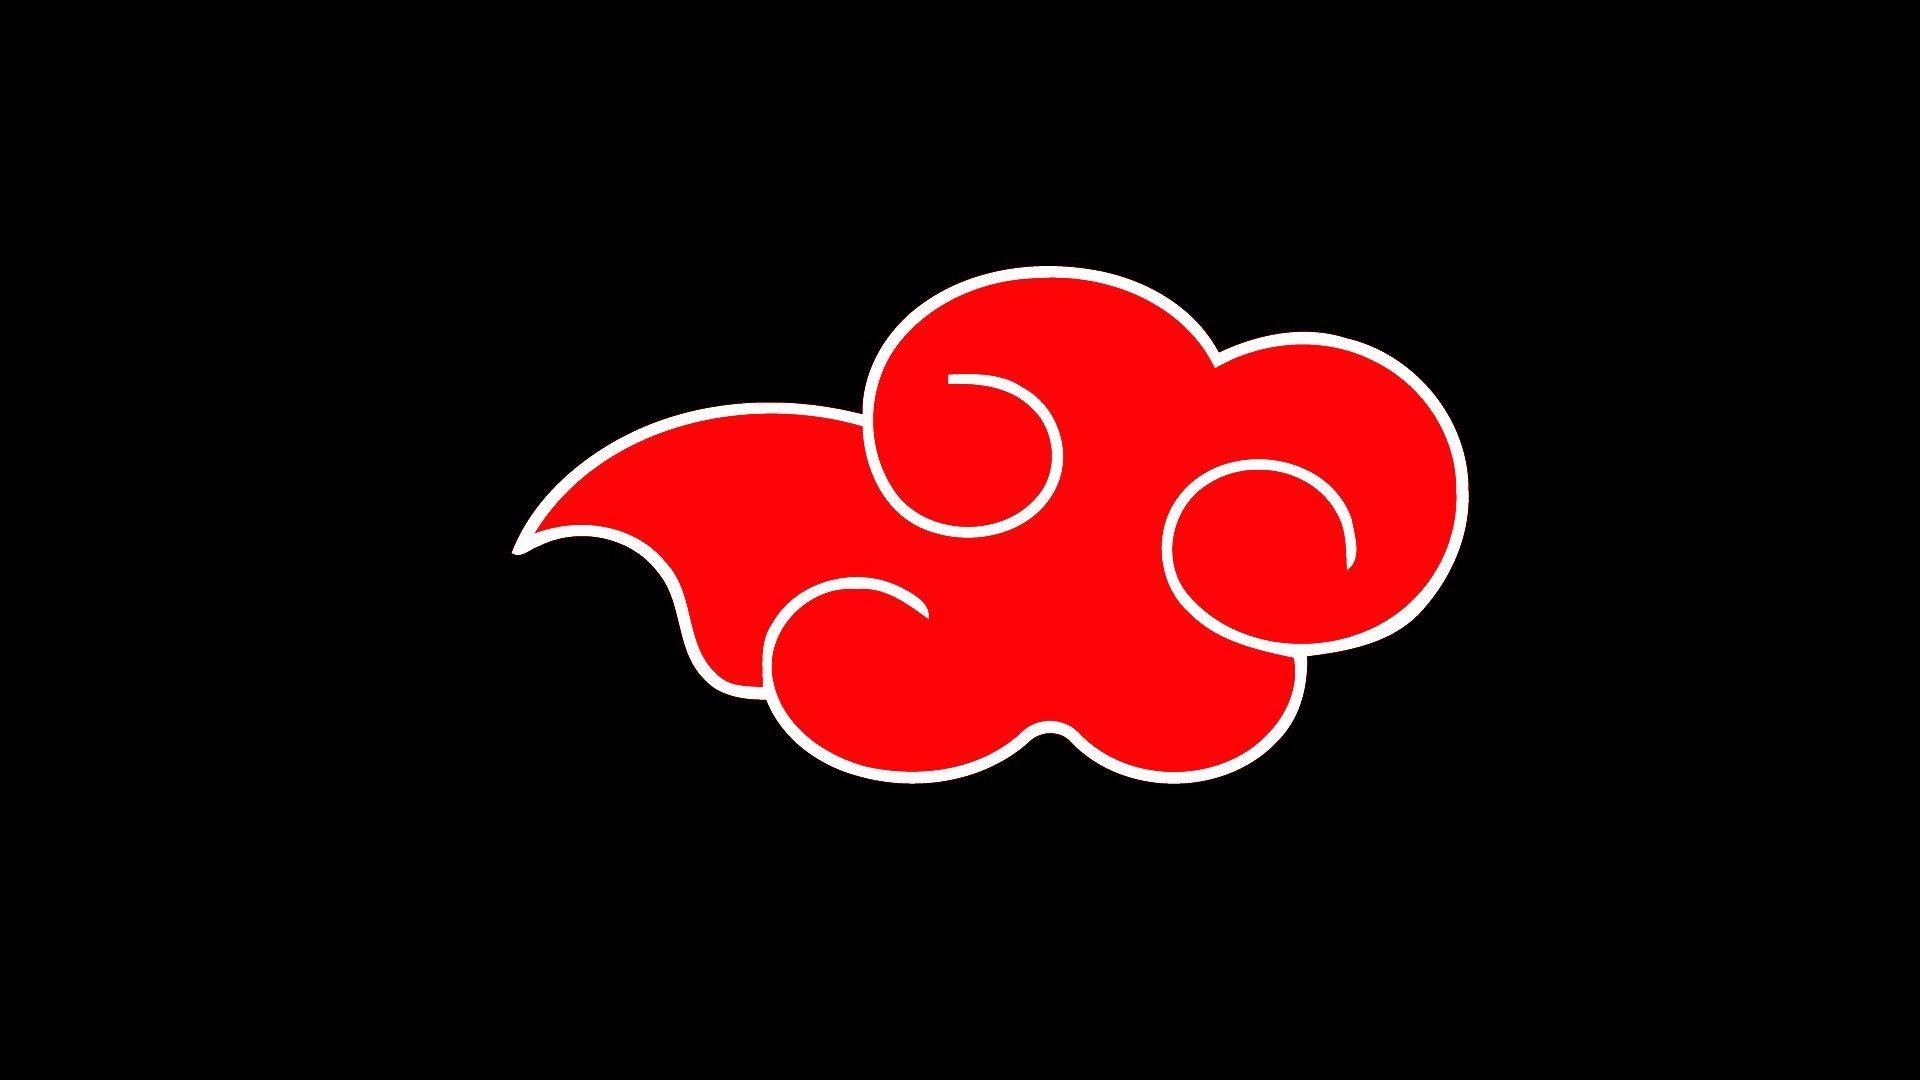 Akatsuki Logo Background Images